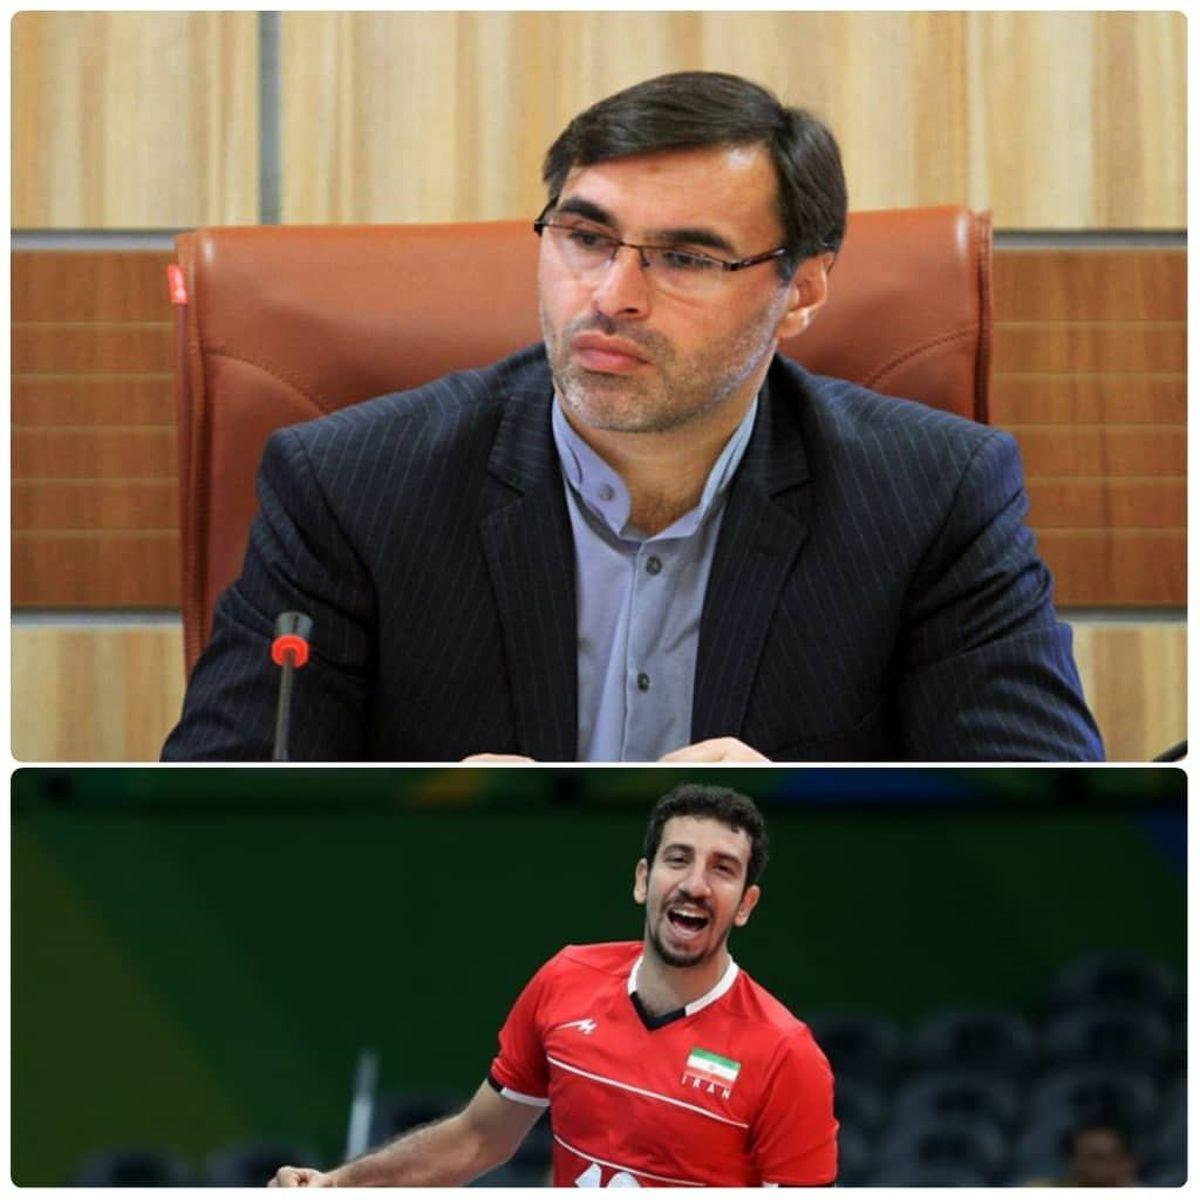 مدیرکل ورزش و جوانان قزوین کسب سهمیه حضور در المپیک توسط مهدی مرندی را تبریک گفت